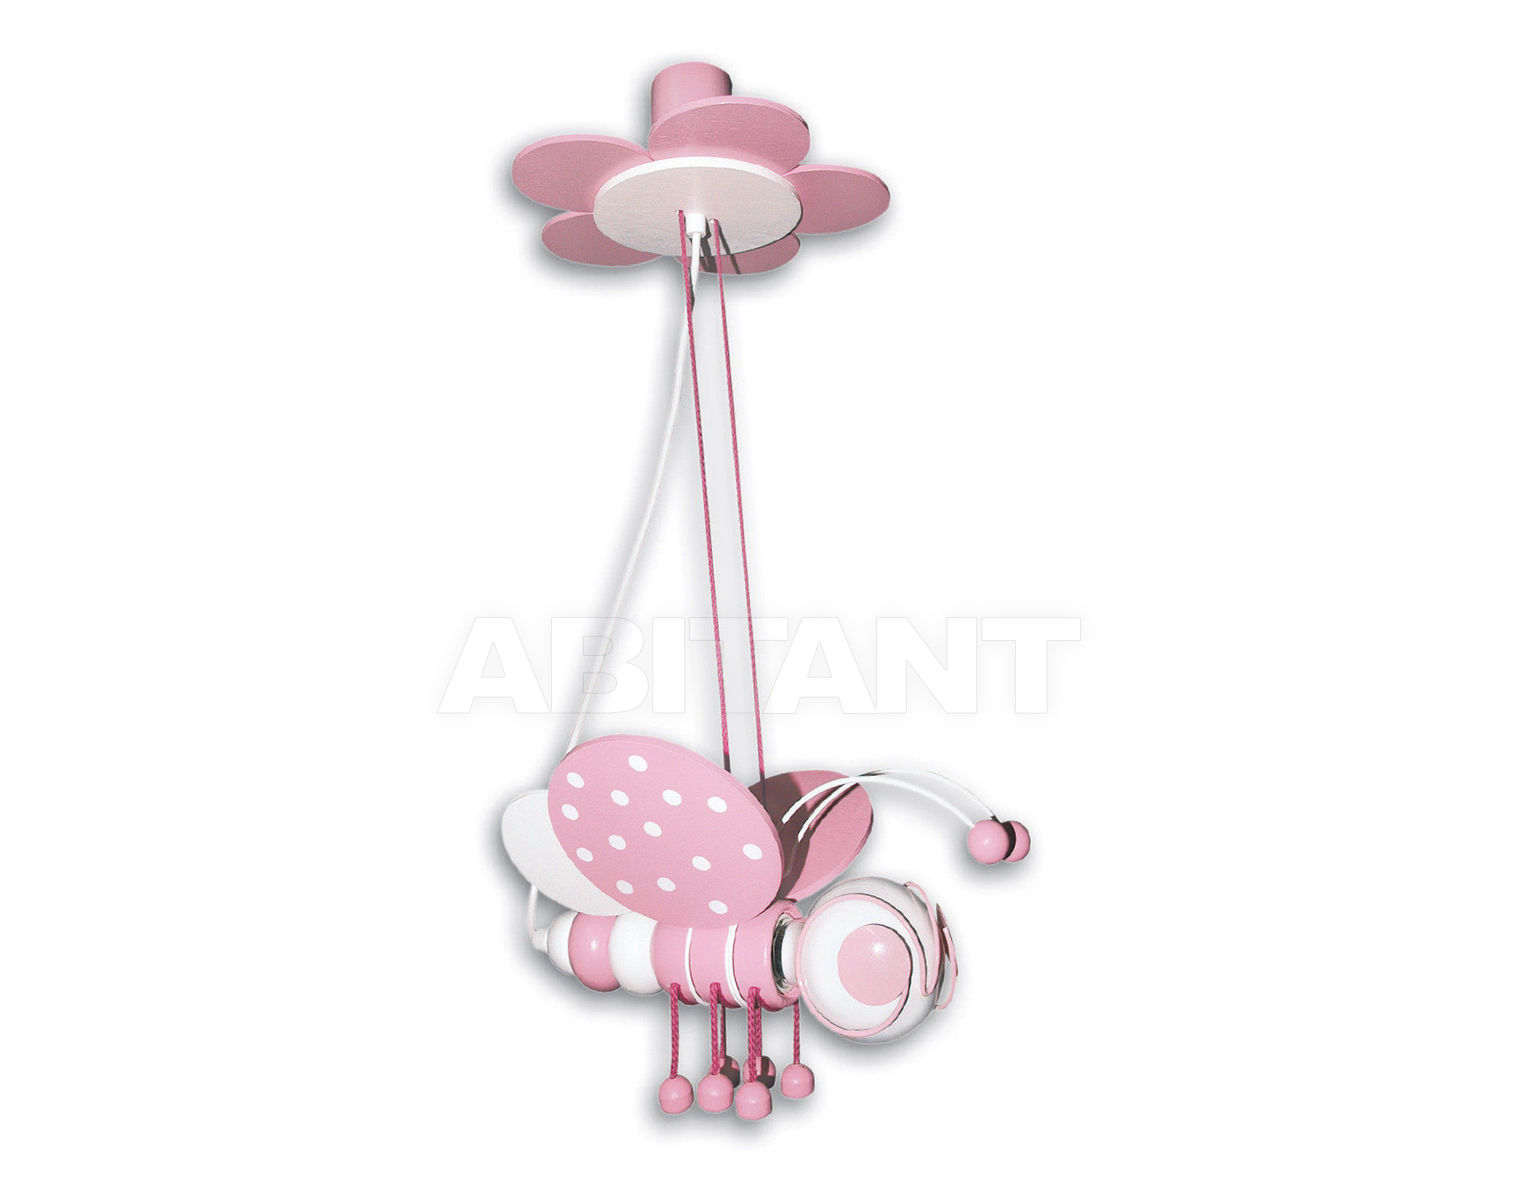 Купить Светильник для детской  Waldi Leuchten Lampen Fur Kinder 2012 90129.2